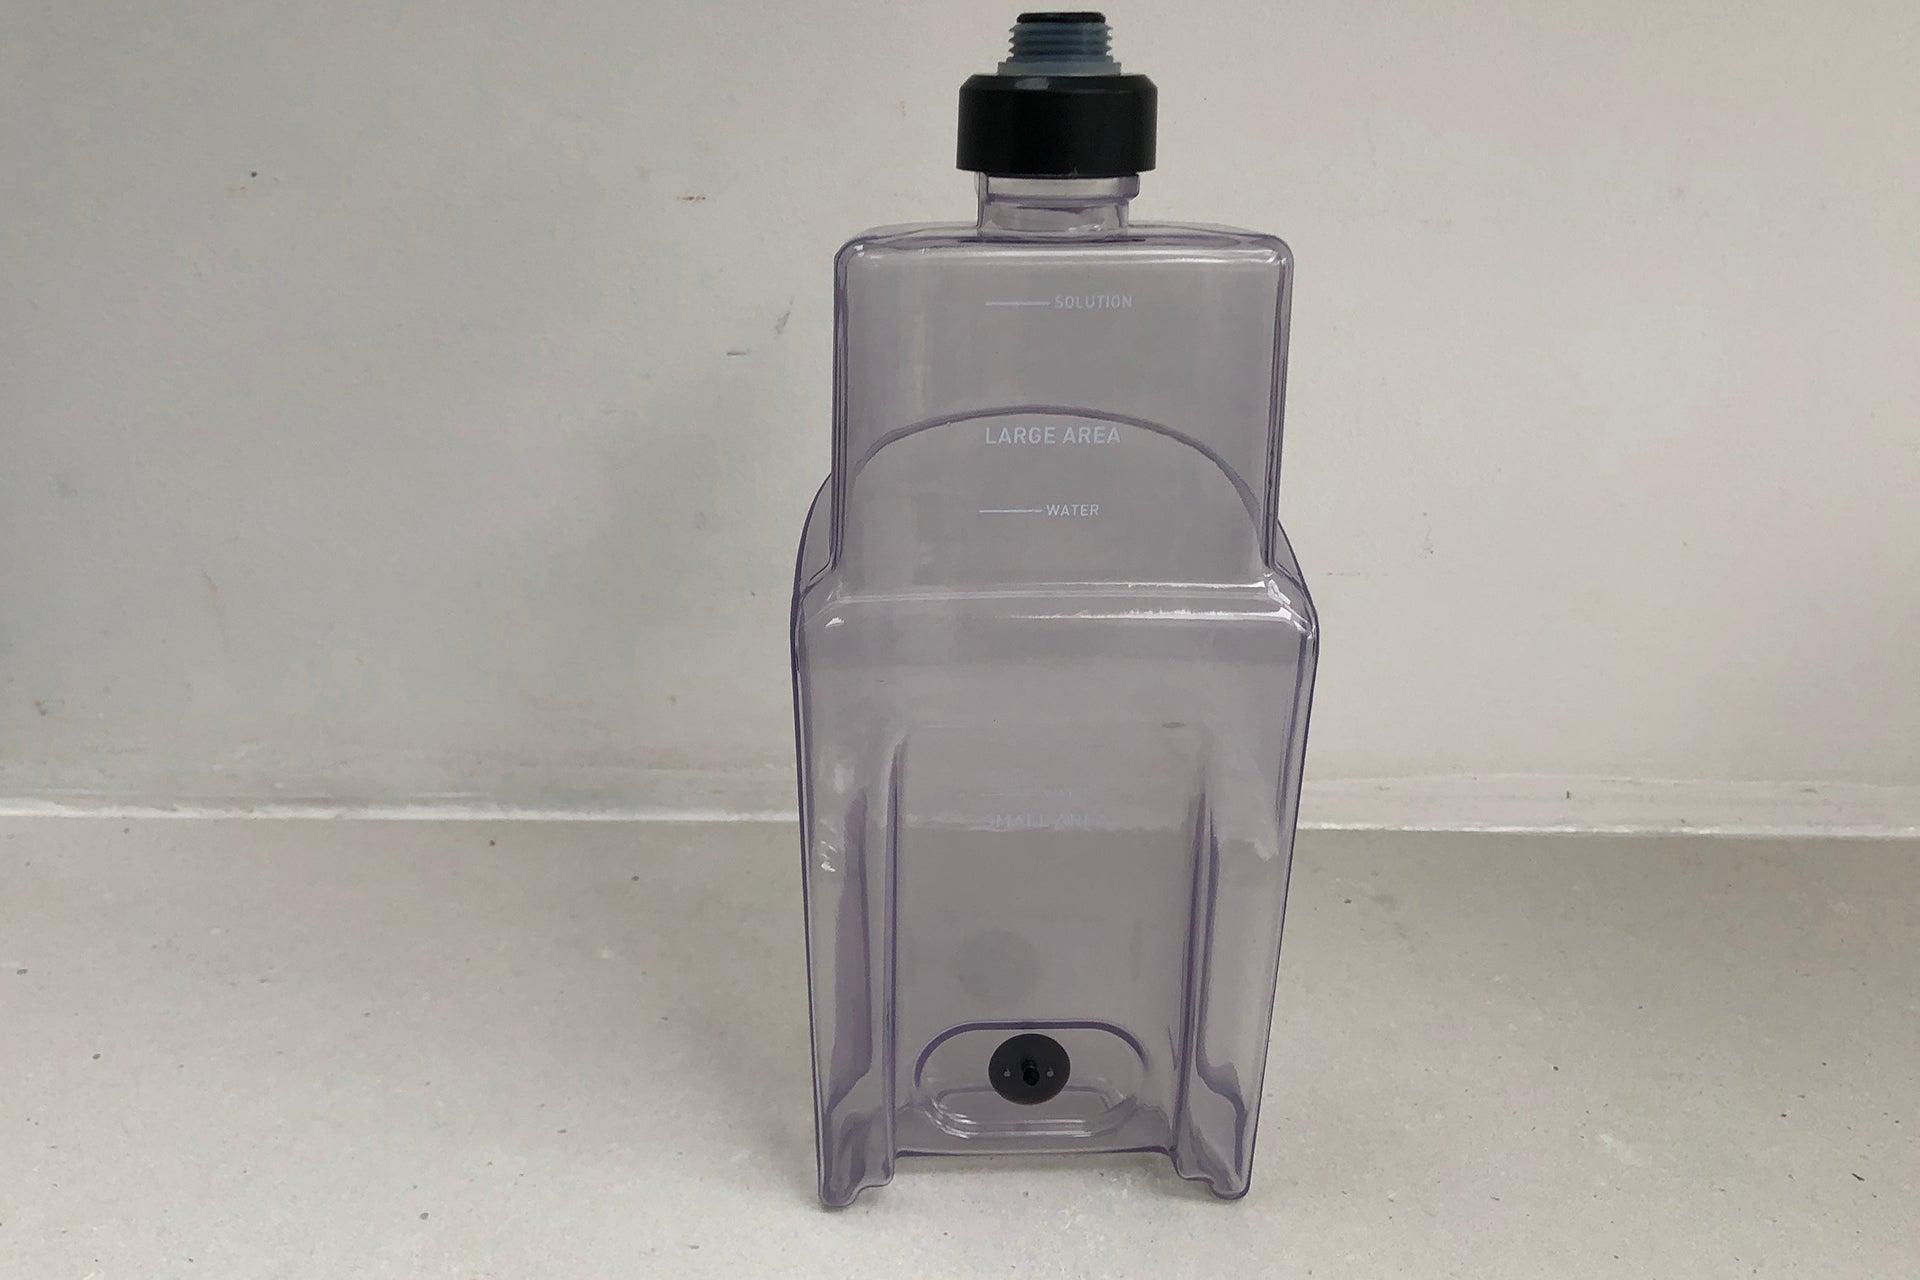 Vax OnePWR Glide detergent tank